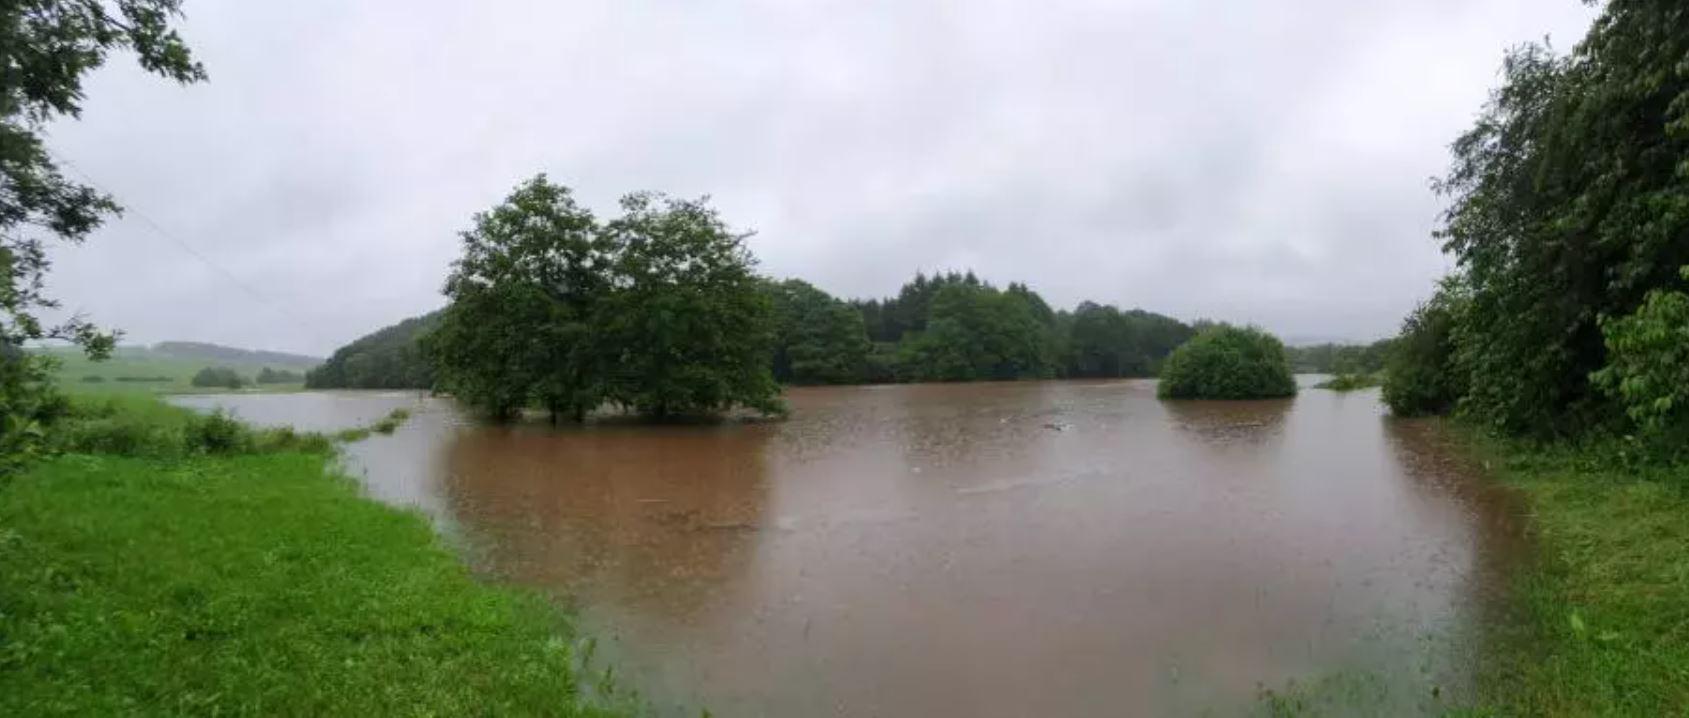 Recolta fermierilor din UE grav afectată de inundații. Ajutor și sprijin pentru cetățenii, fermierii și zonele afectate de inundații. Știri agricole